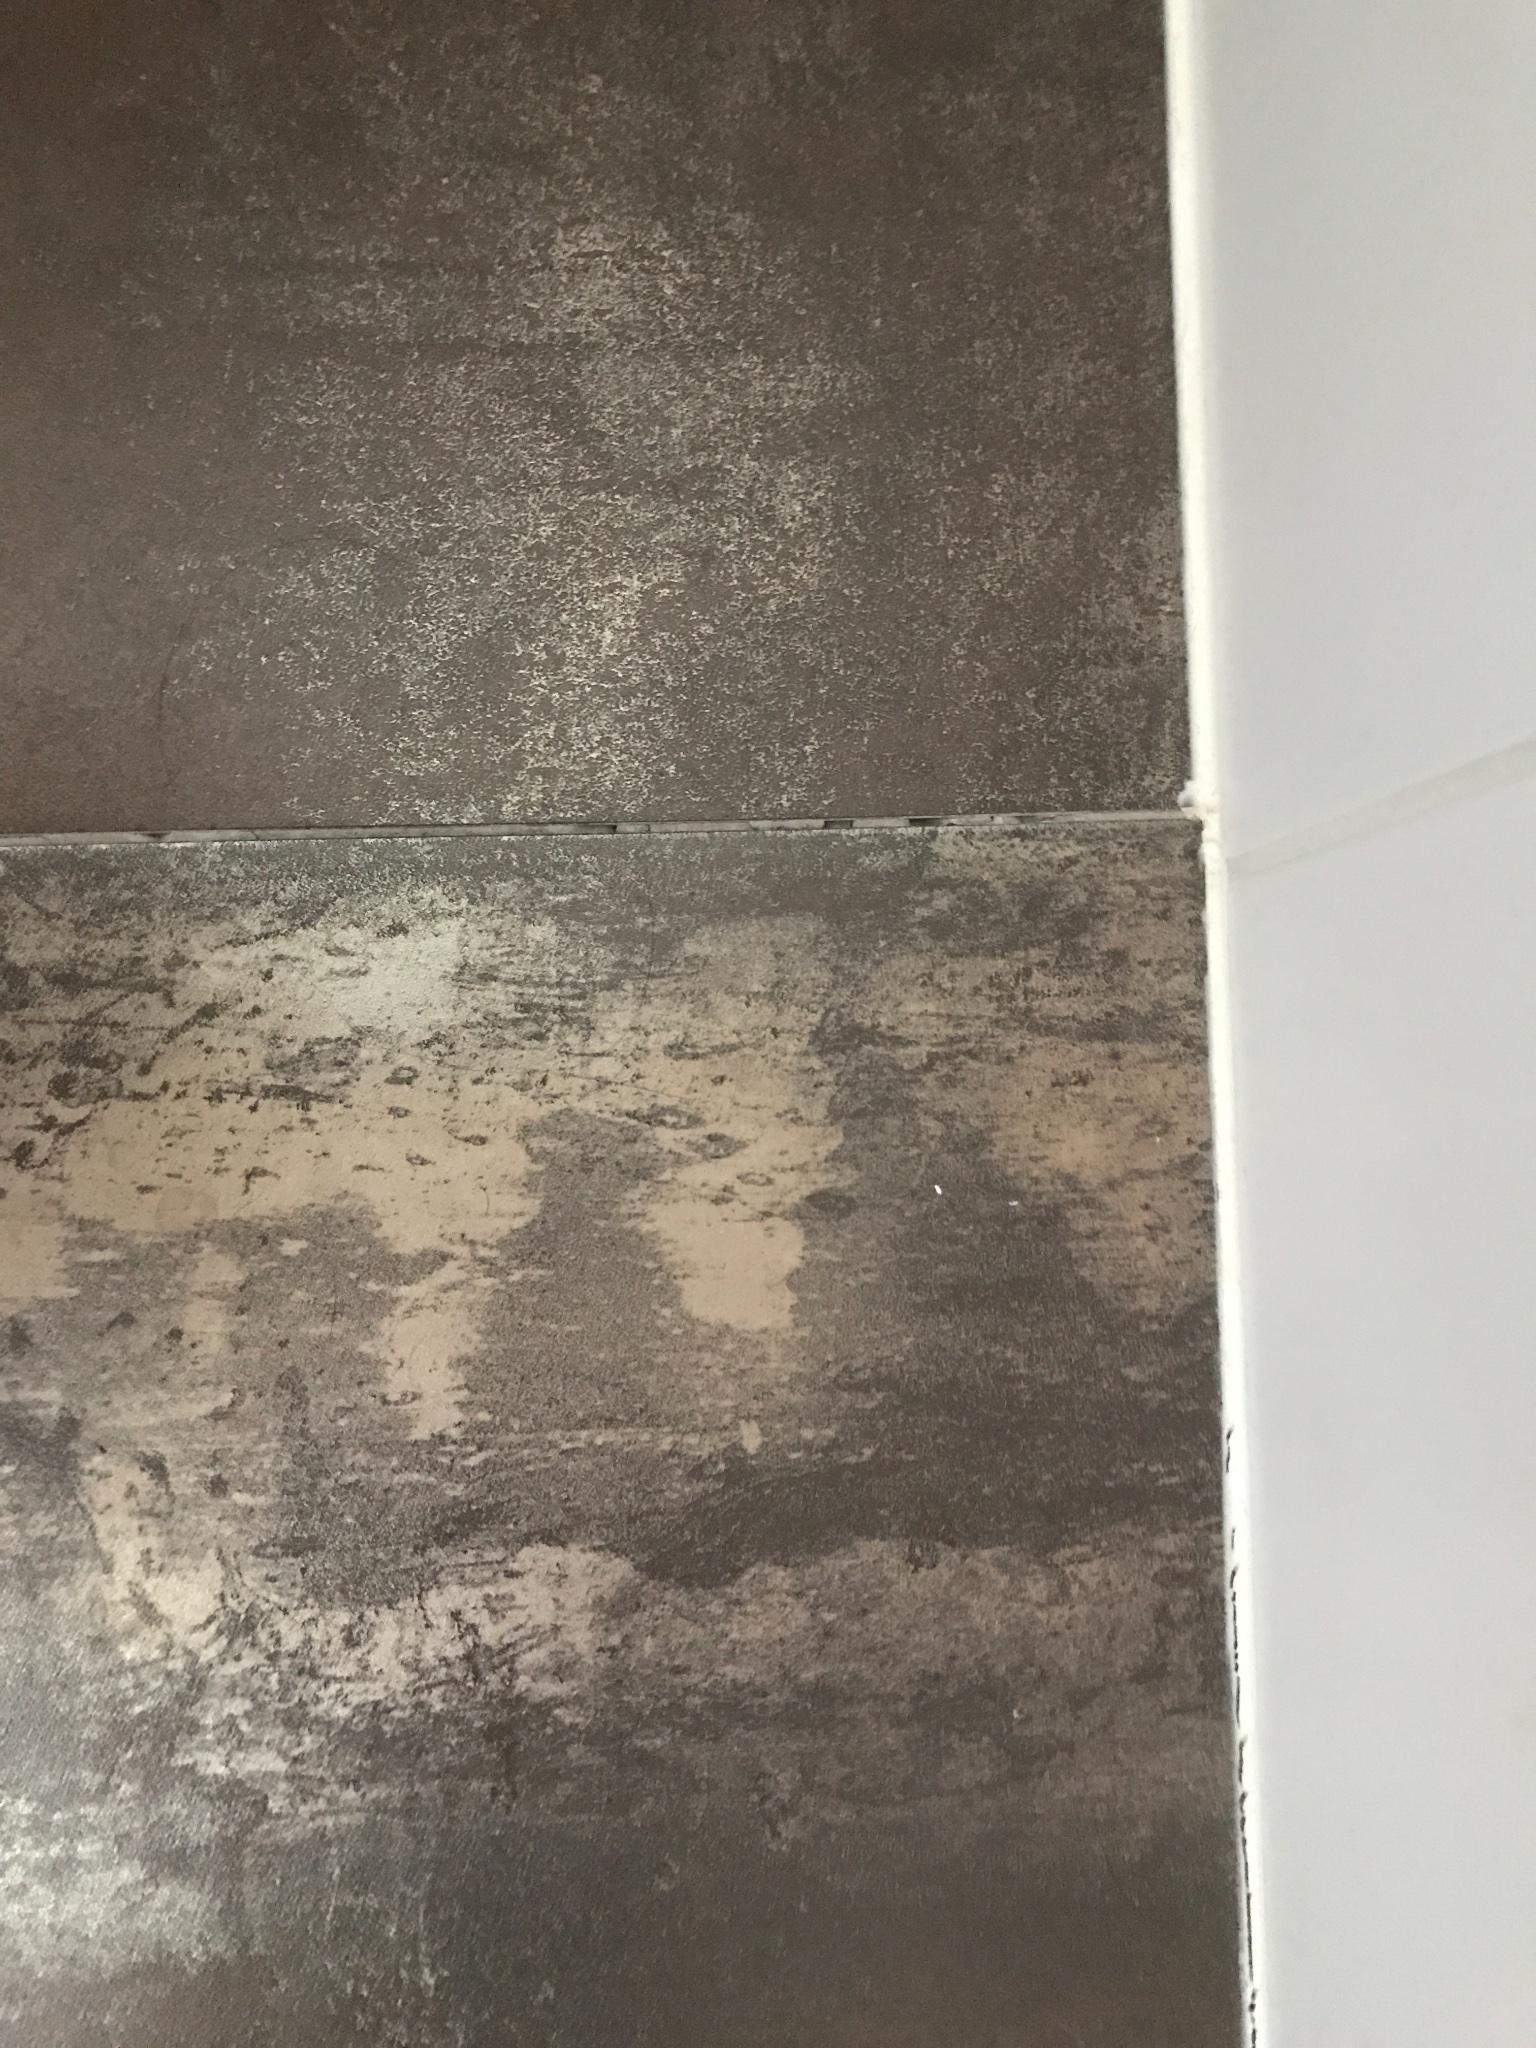 2 badkamer vloer tegels opnieuw leggen en kit werk opnieuw doen ...